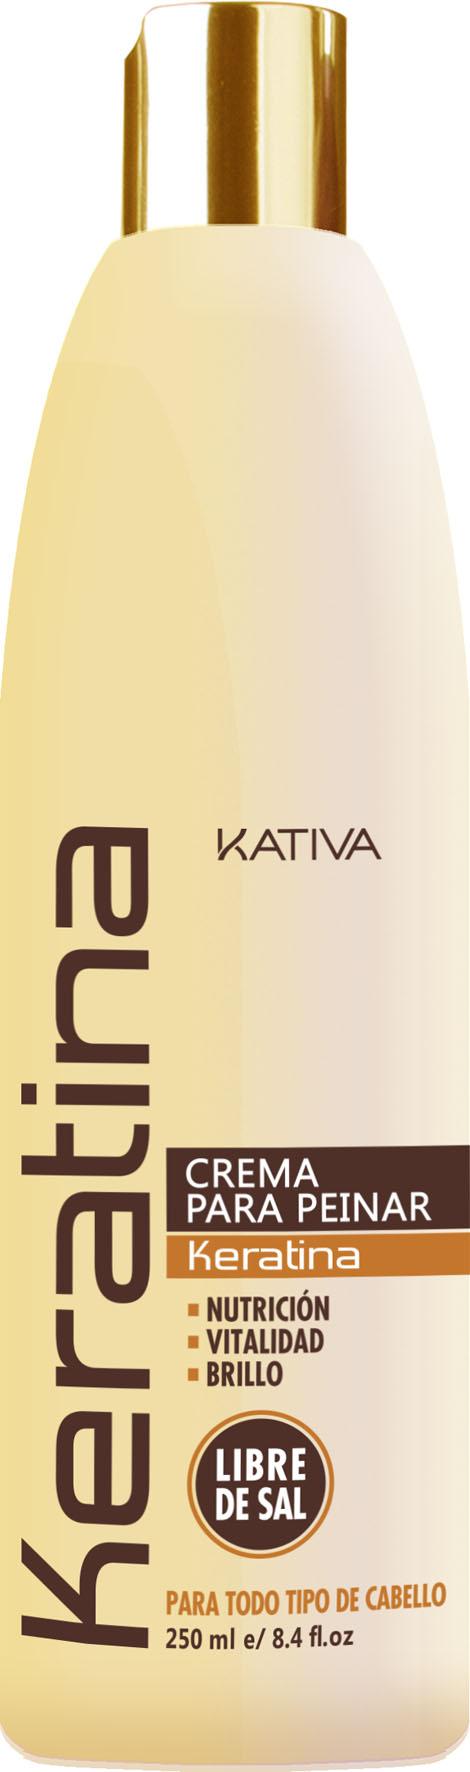 Kativa crema para peinar keratina libre de sal y sin - Bano de keratina precio ...